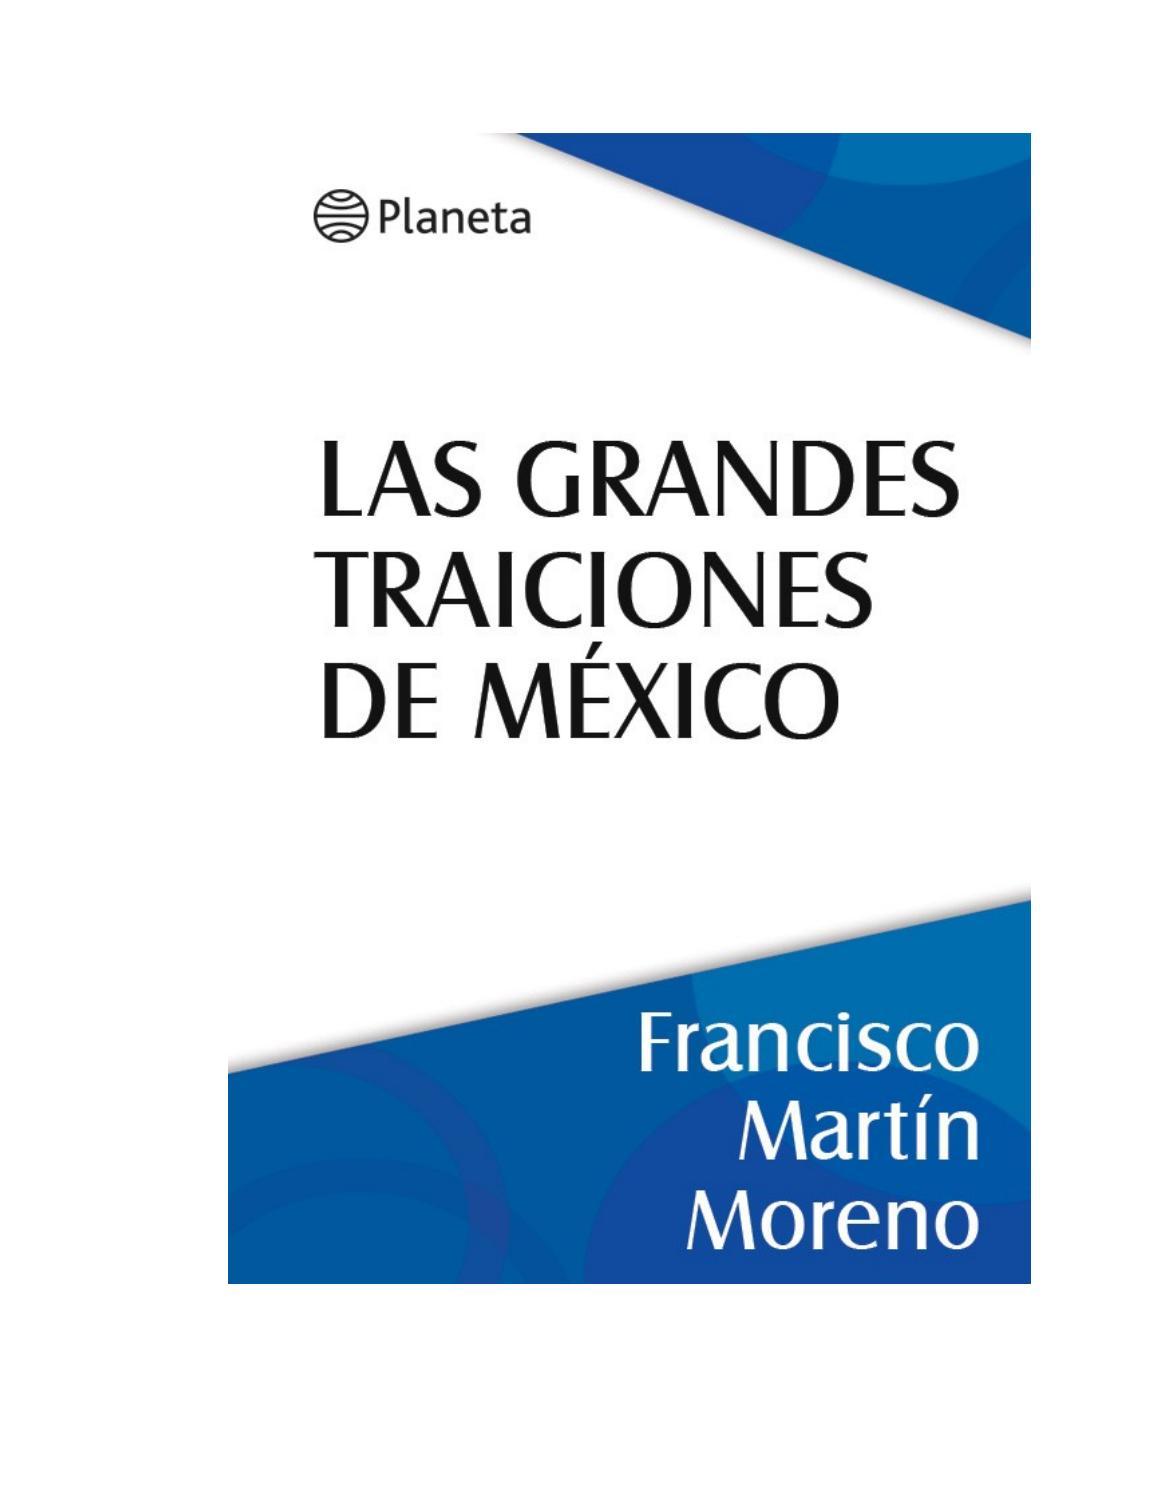 Moreno francisco martin las grandes traiciones de mexico by ...